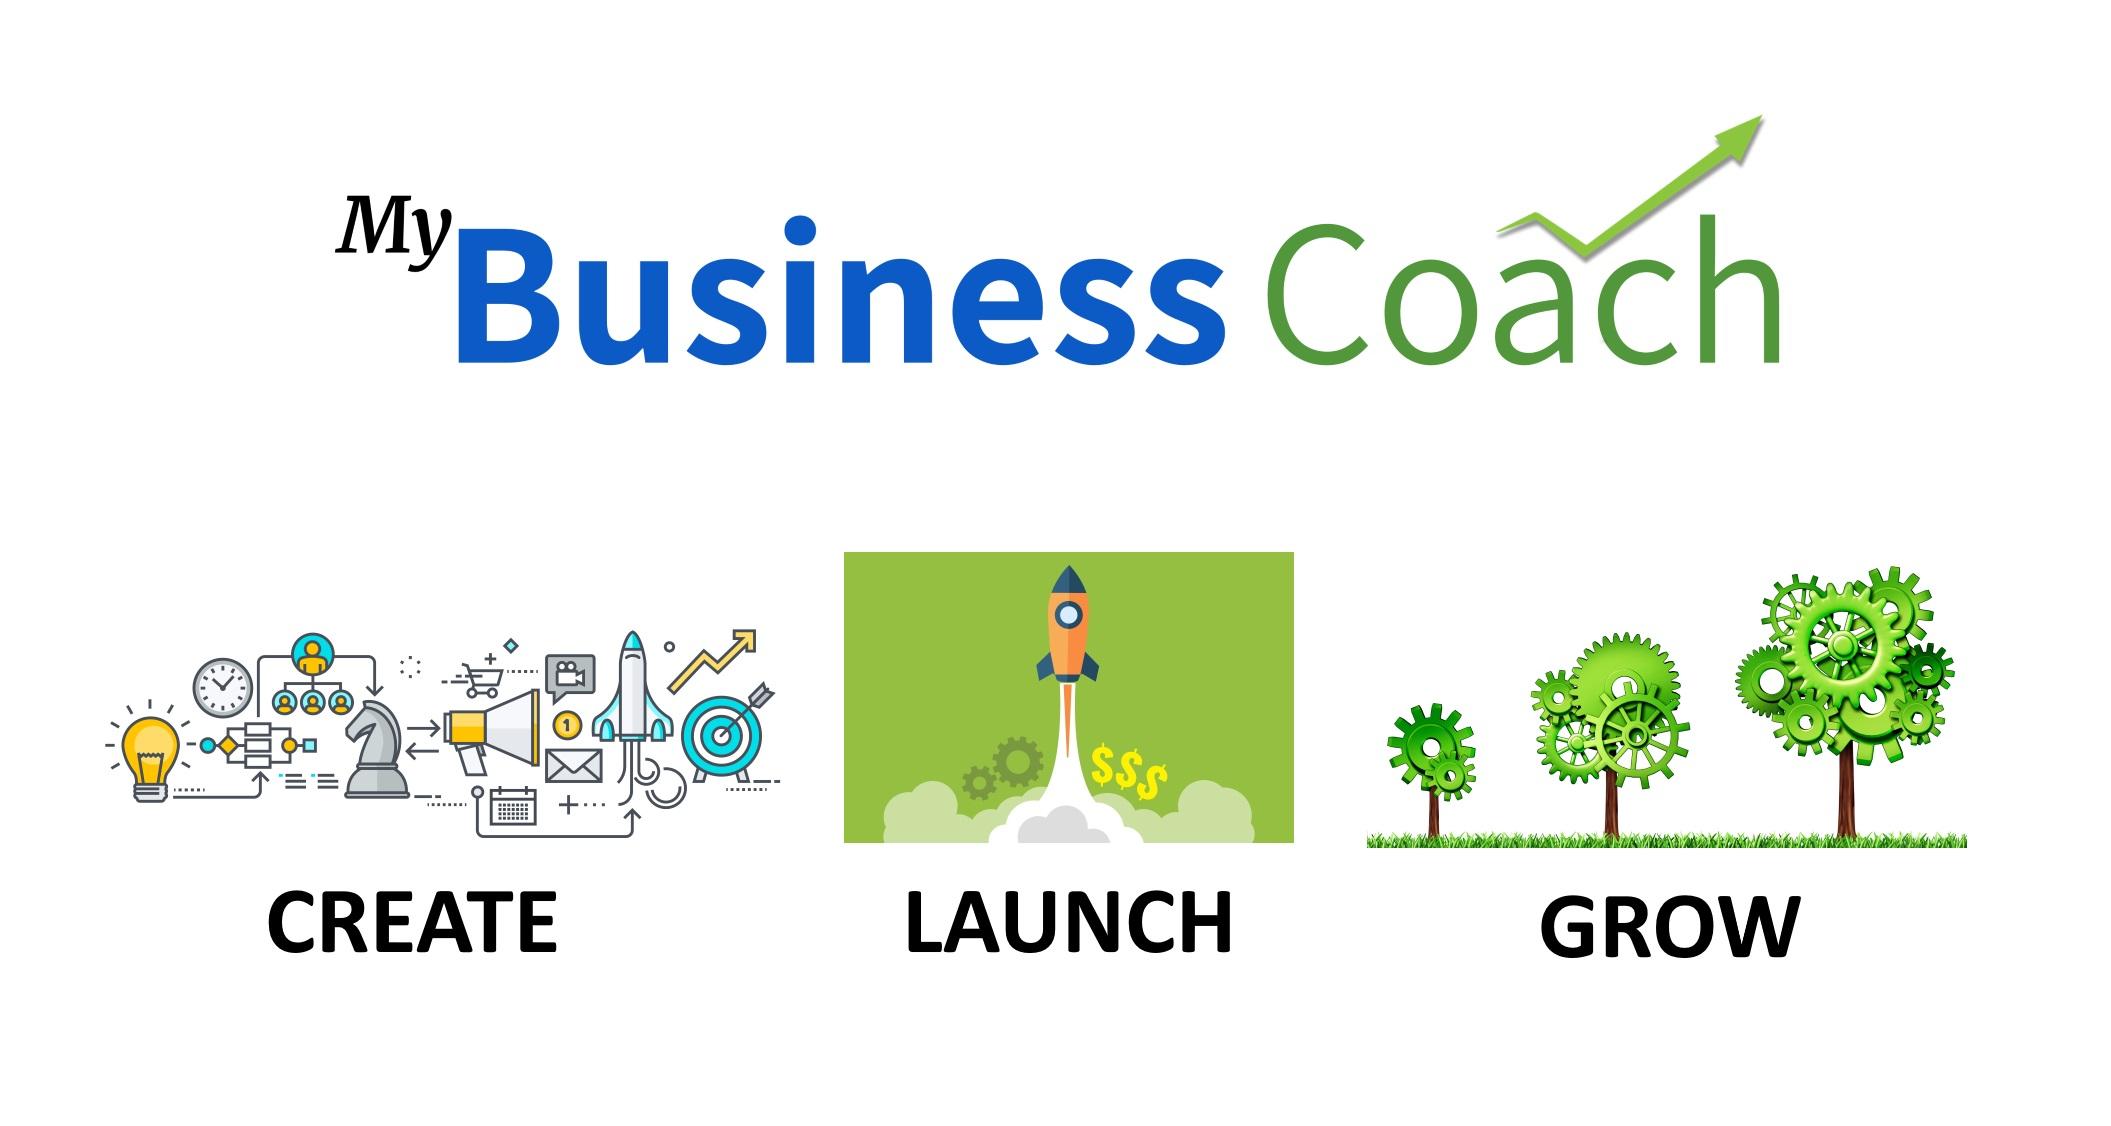 My Business Coach - Start A Business, Launch A Business, Grow A Business